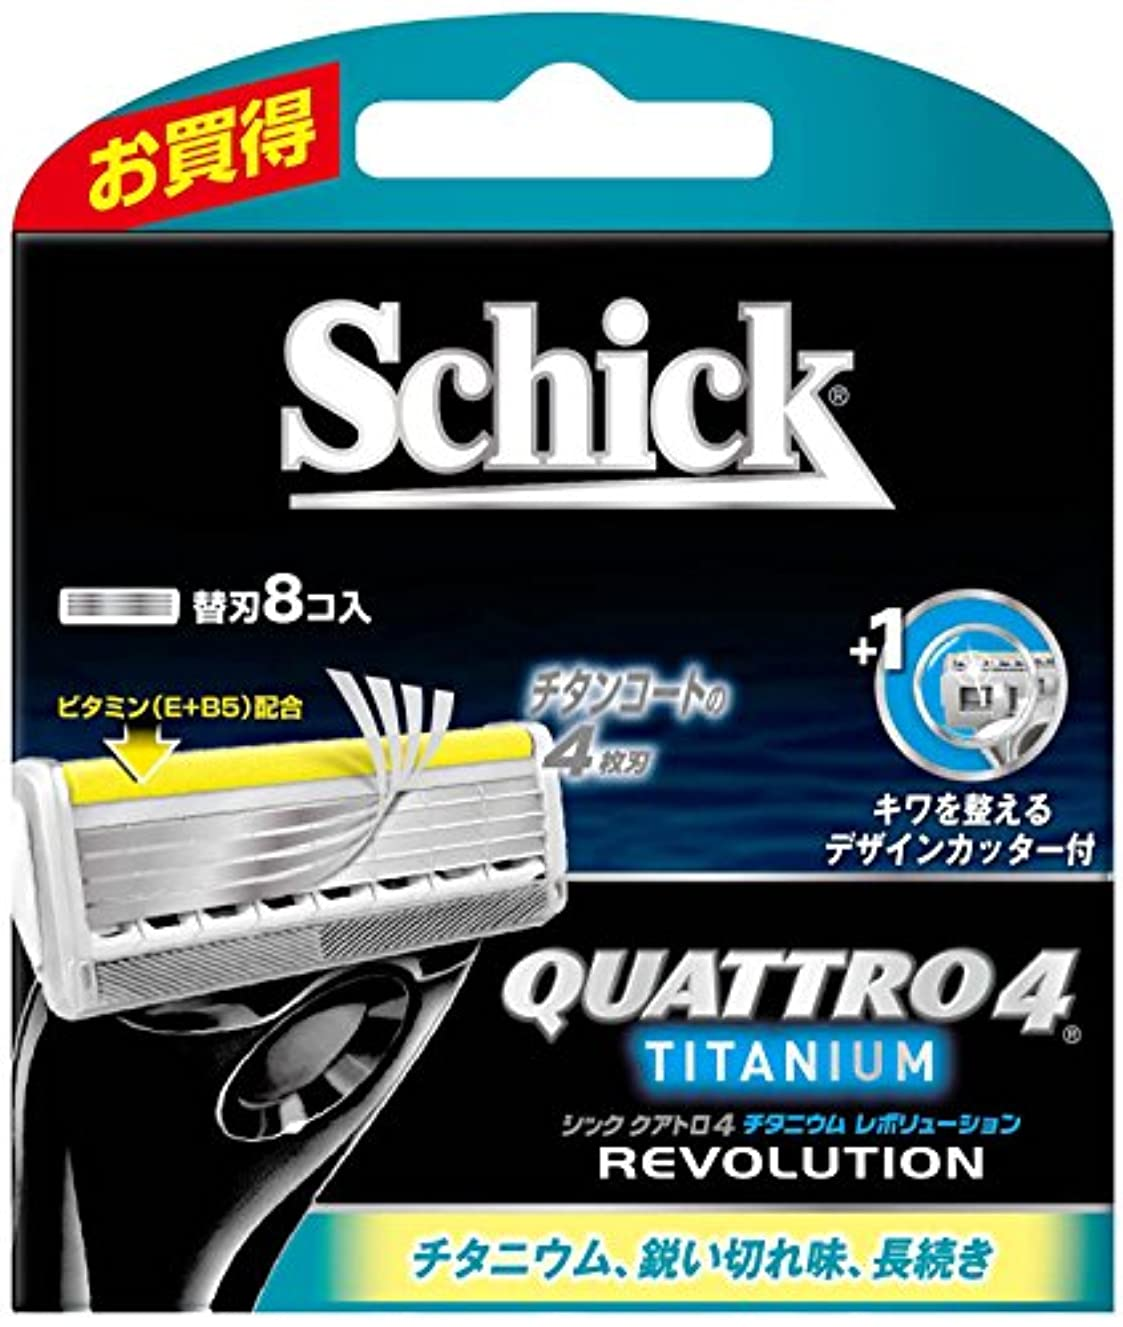 キャンディー復活多くの危険がある状況シック Schick クアトロ4 4枚刃 チタニウムレボリューション 替刃 (8コ入)